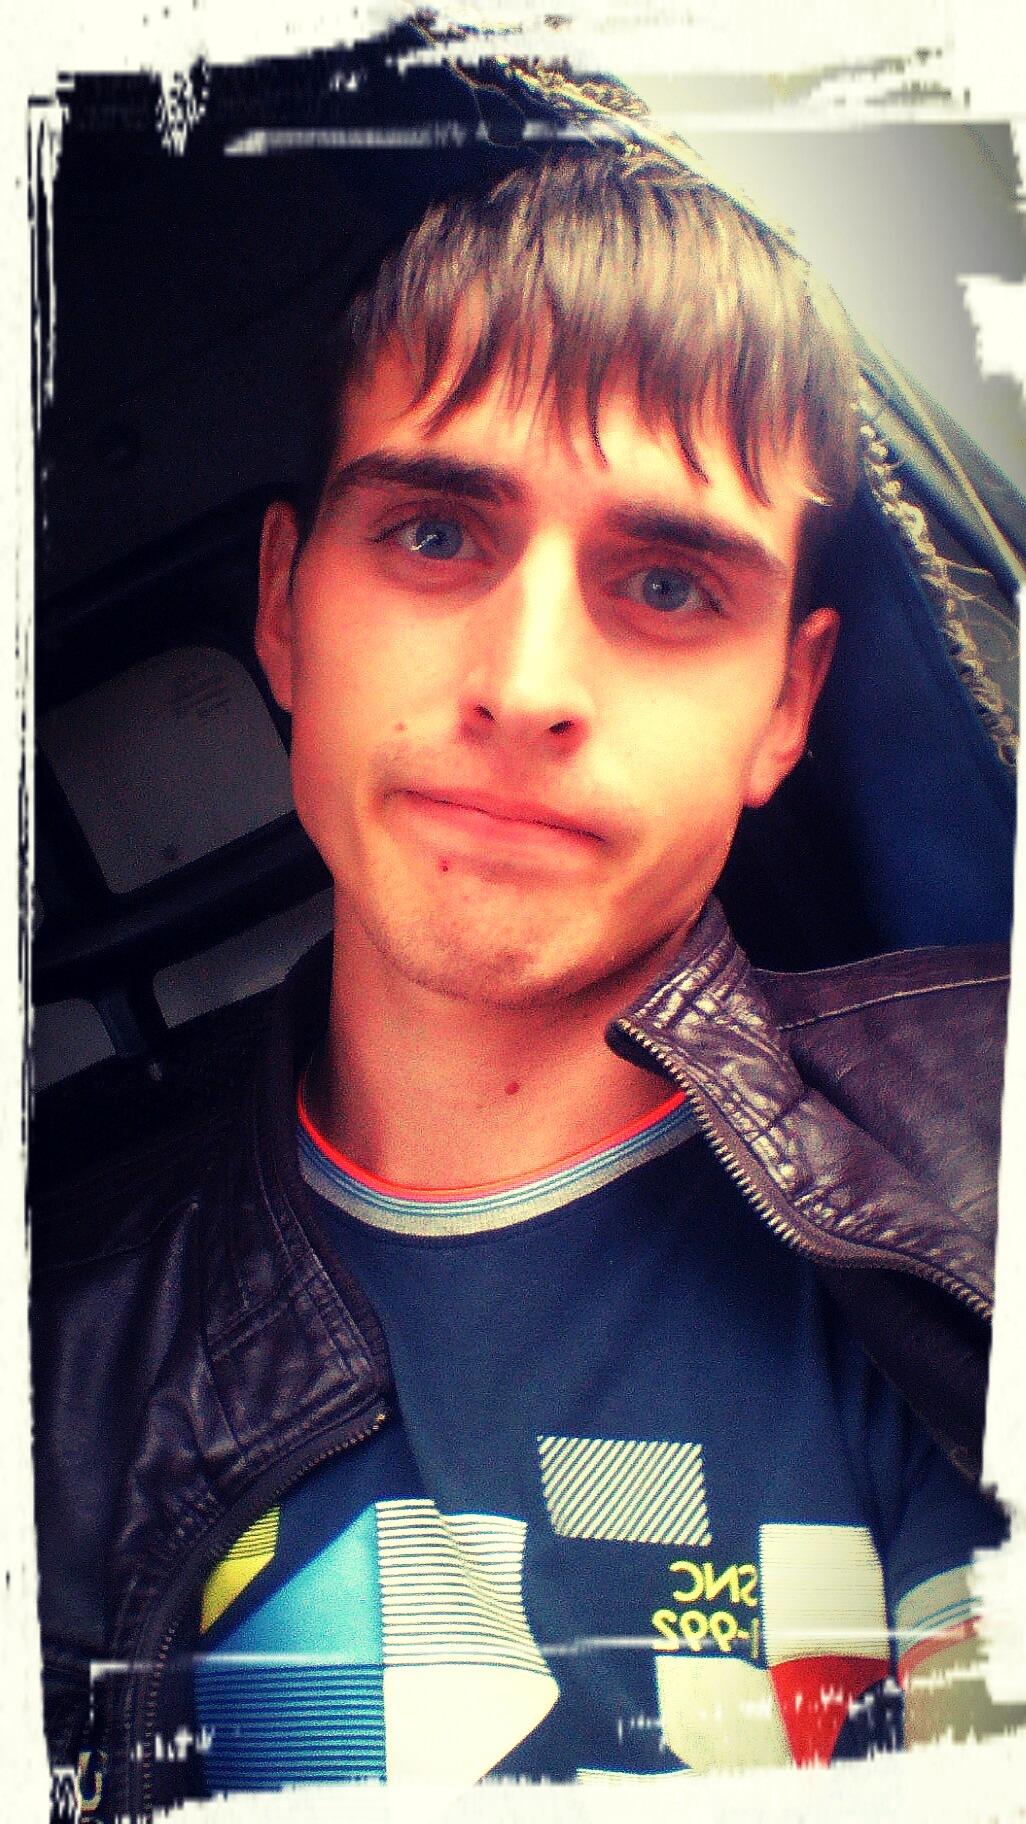 Evgeniy, 23, Tatarsk